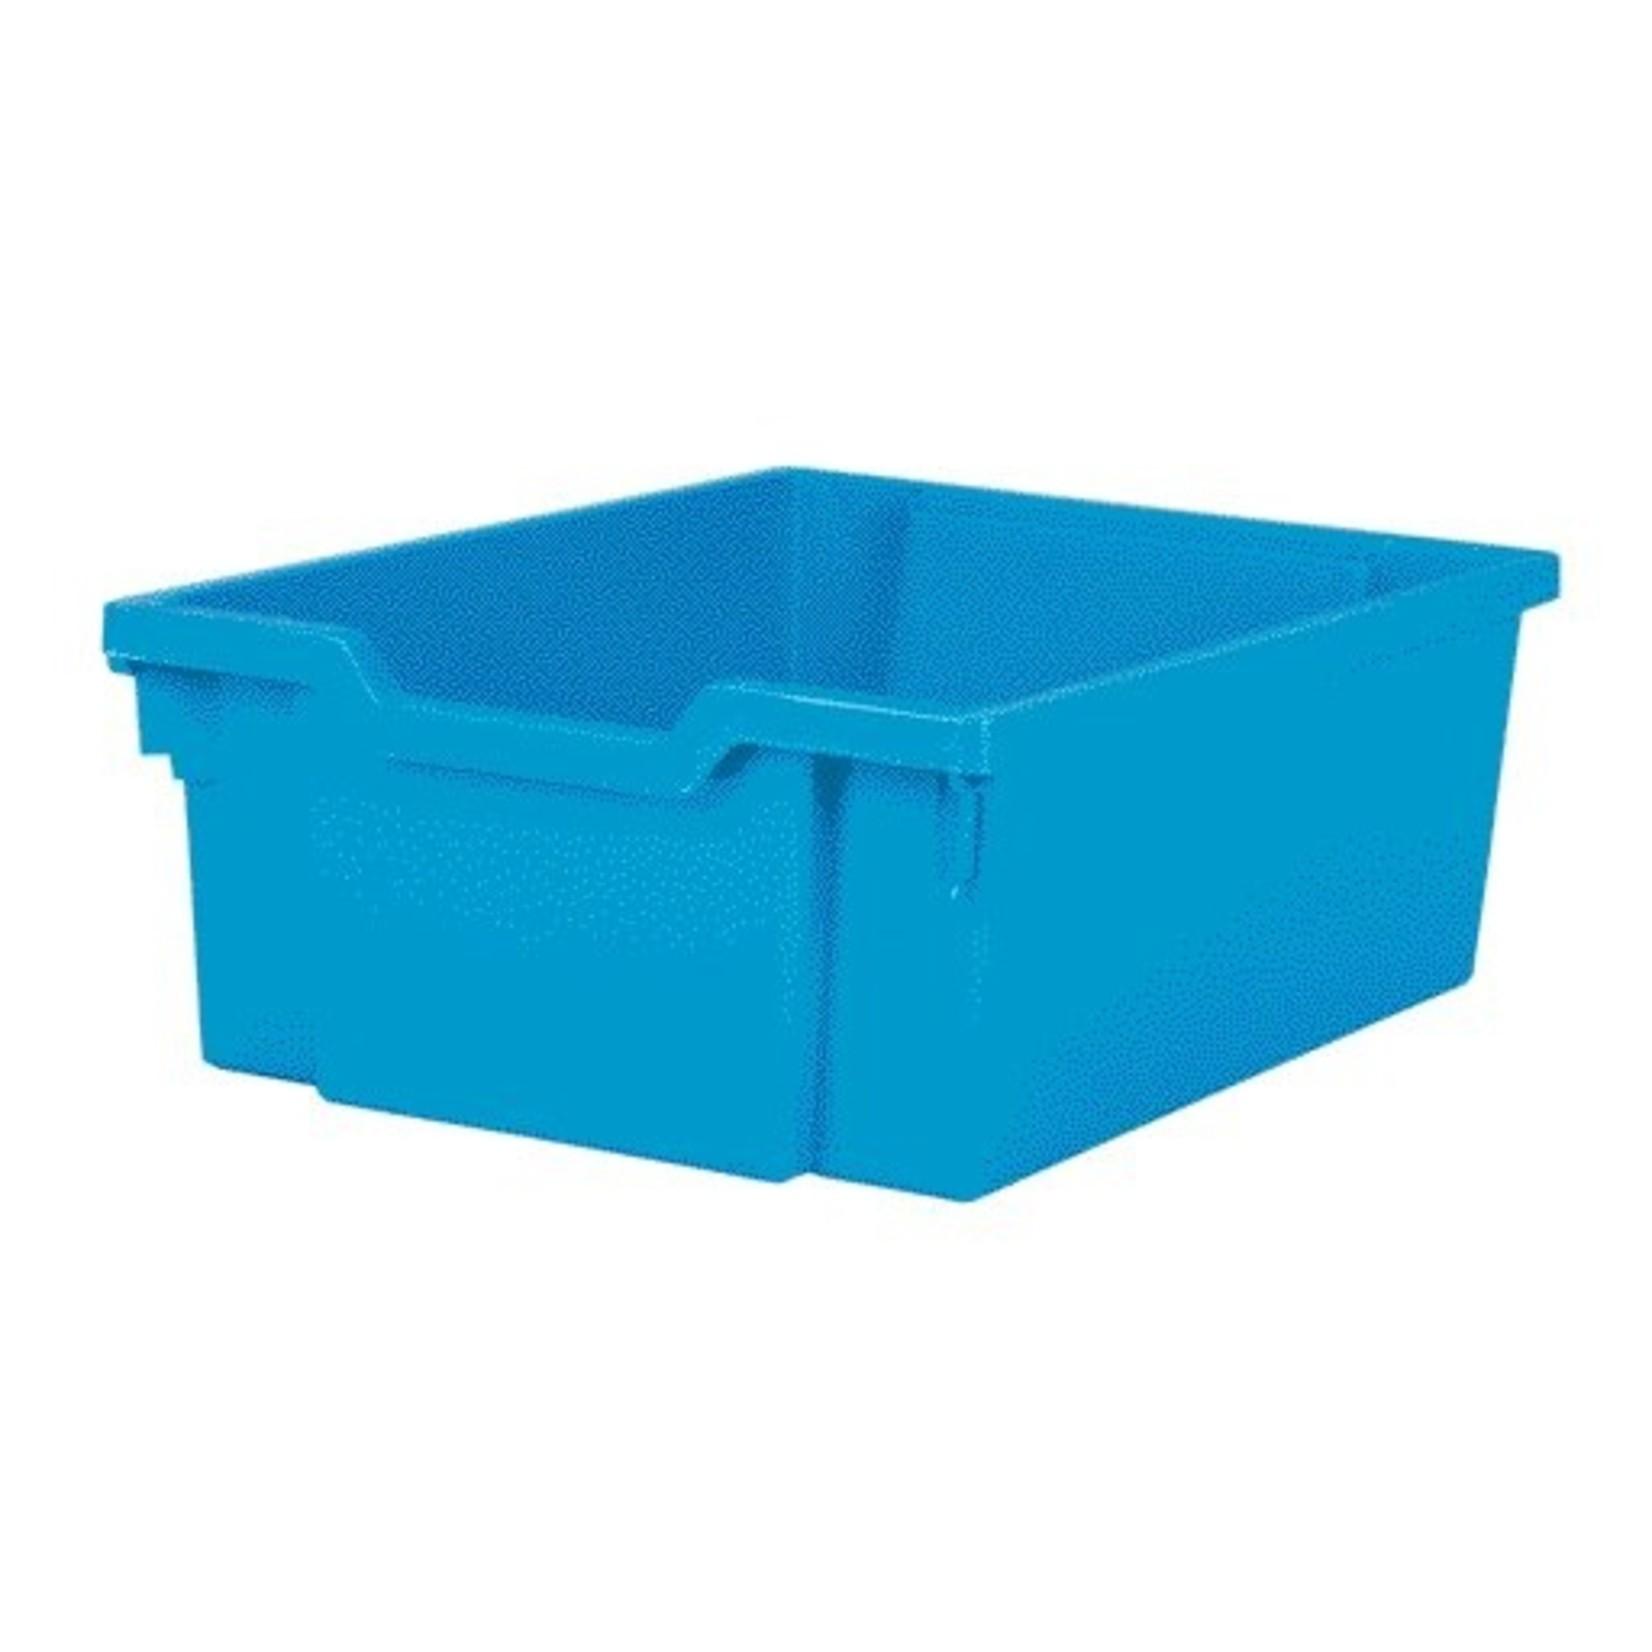 Gratnells Deep F2 Tray Cyan Blue